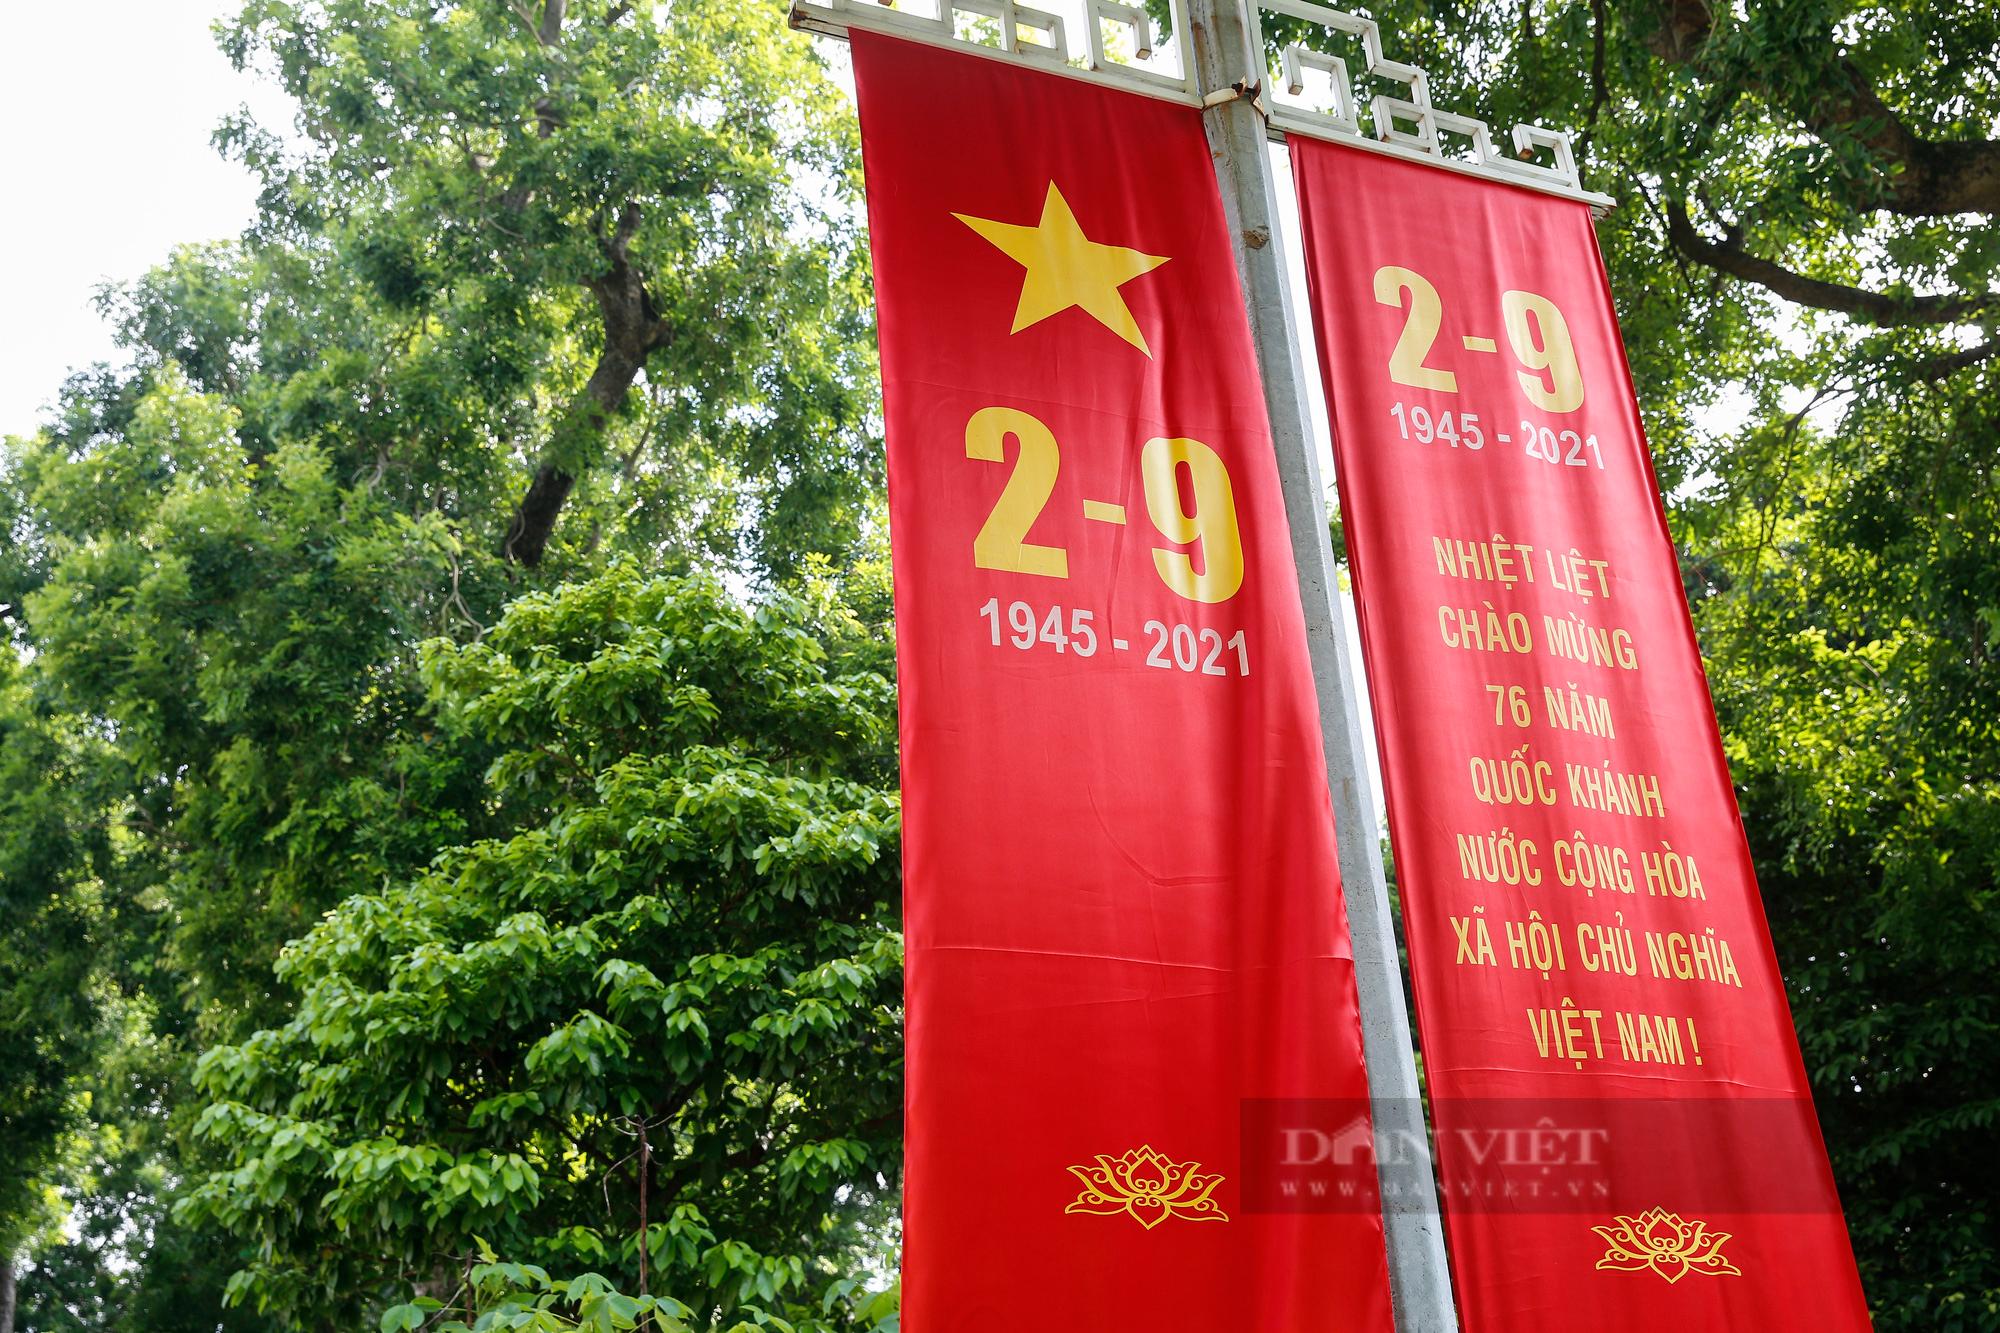 Đường phố Hà Nội rực rỡ sắc đỏ chào mừng Quốc khánh 2/9 - Ảnh 8.